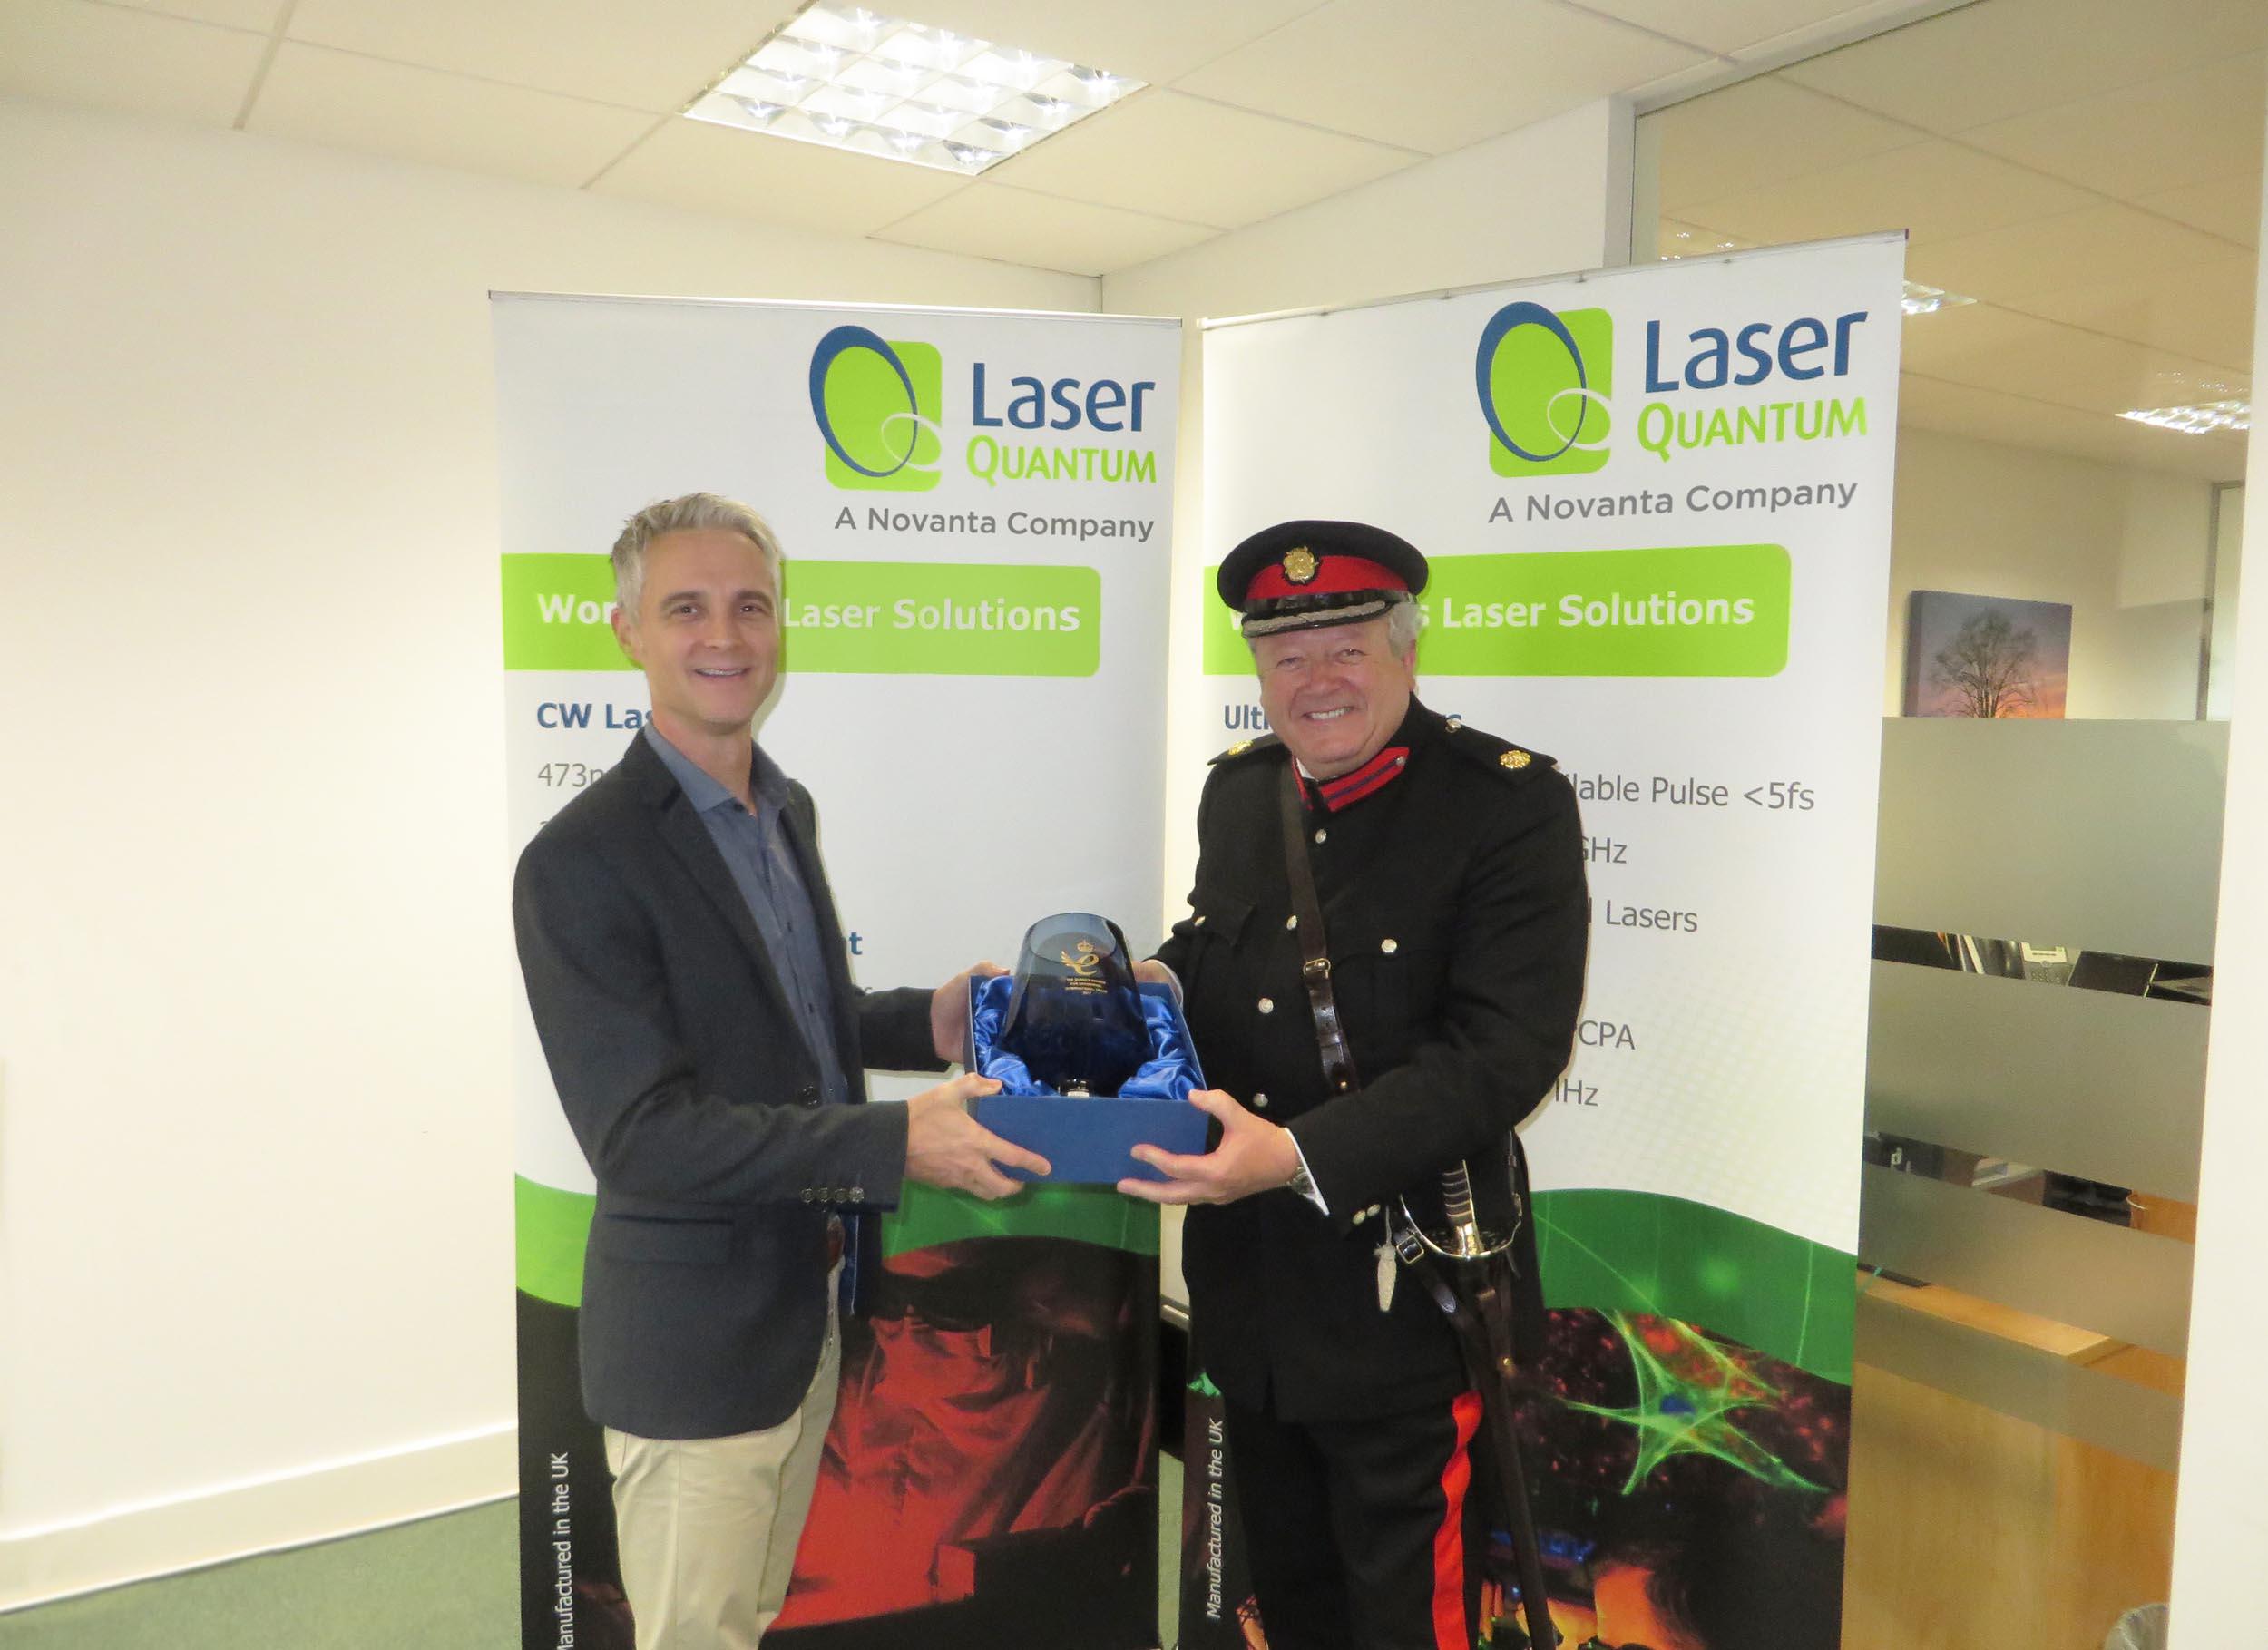 Laser_Quantum_Queens_Award1.jpg